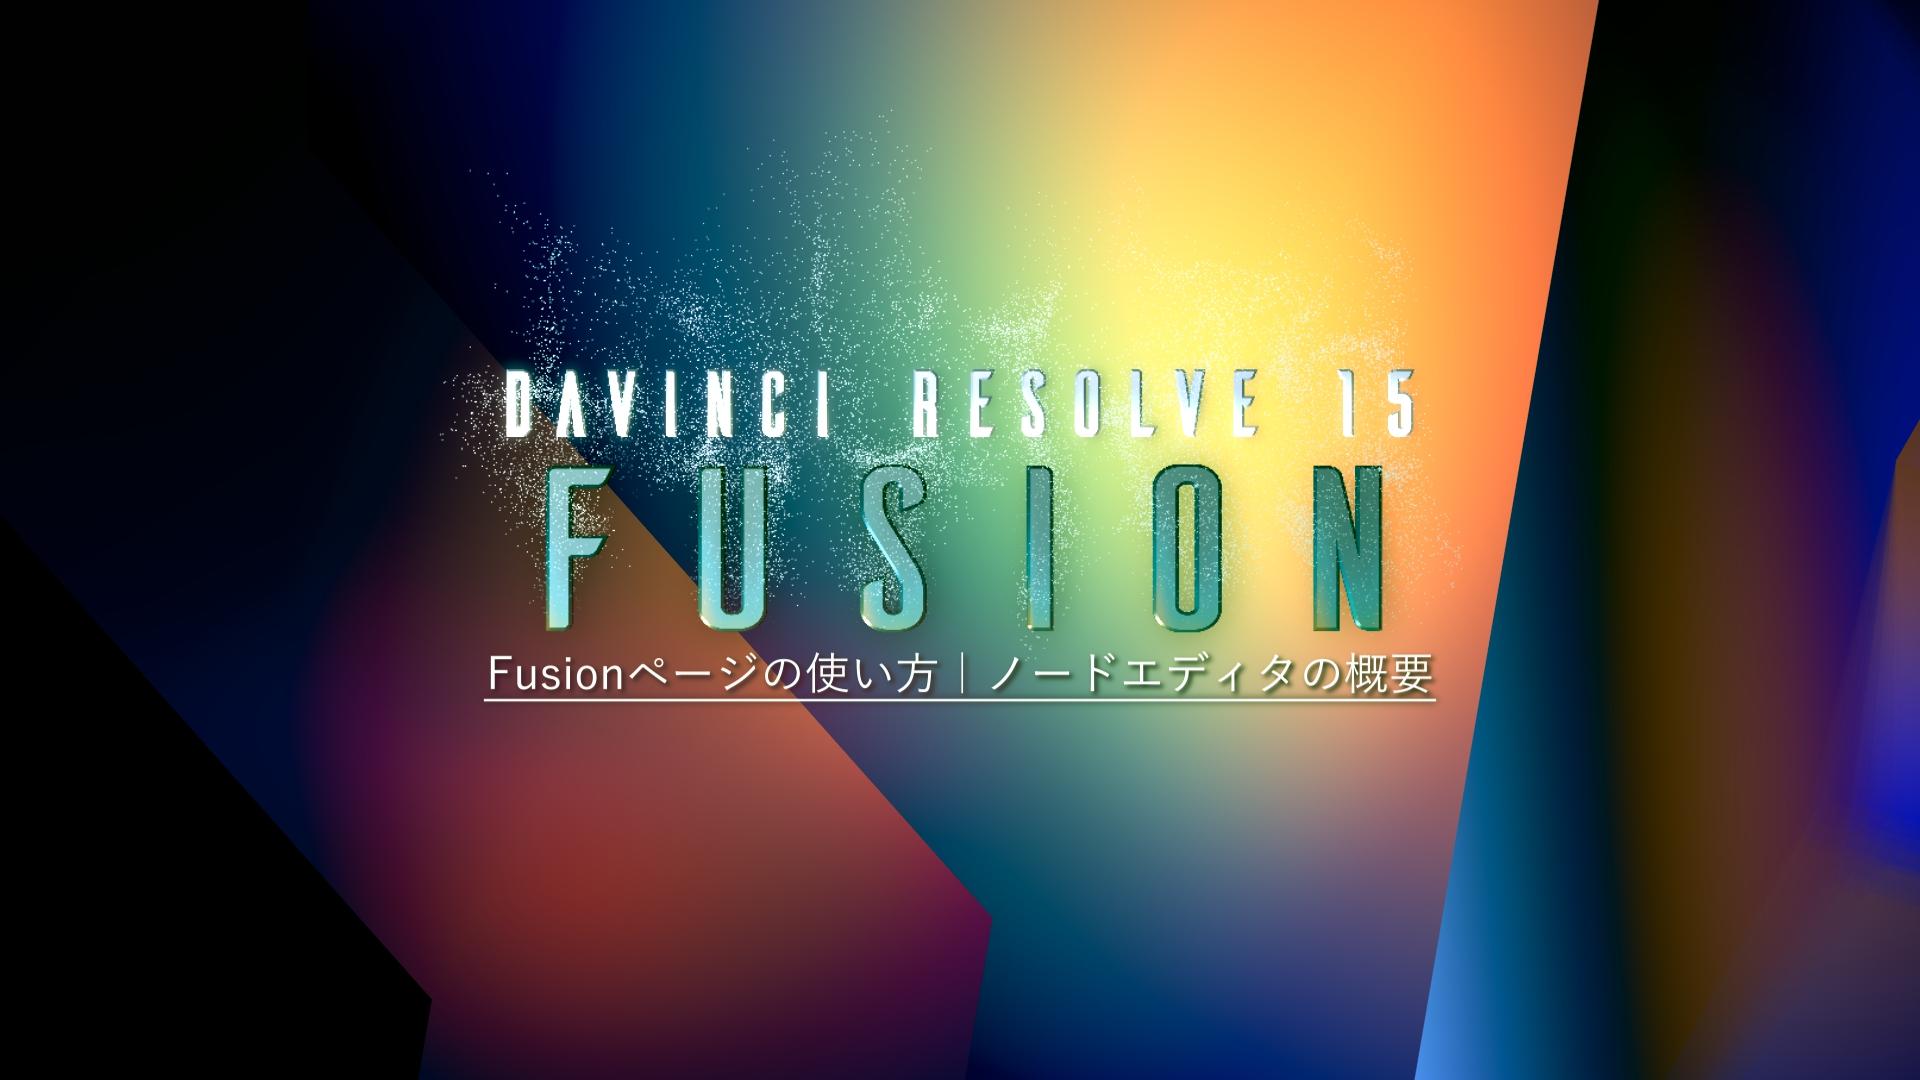 DaVinci Resolve 15 Fusion の 使い方 (1)ノードエディタの概要